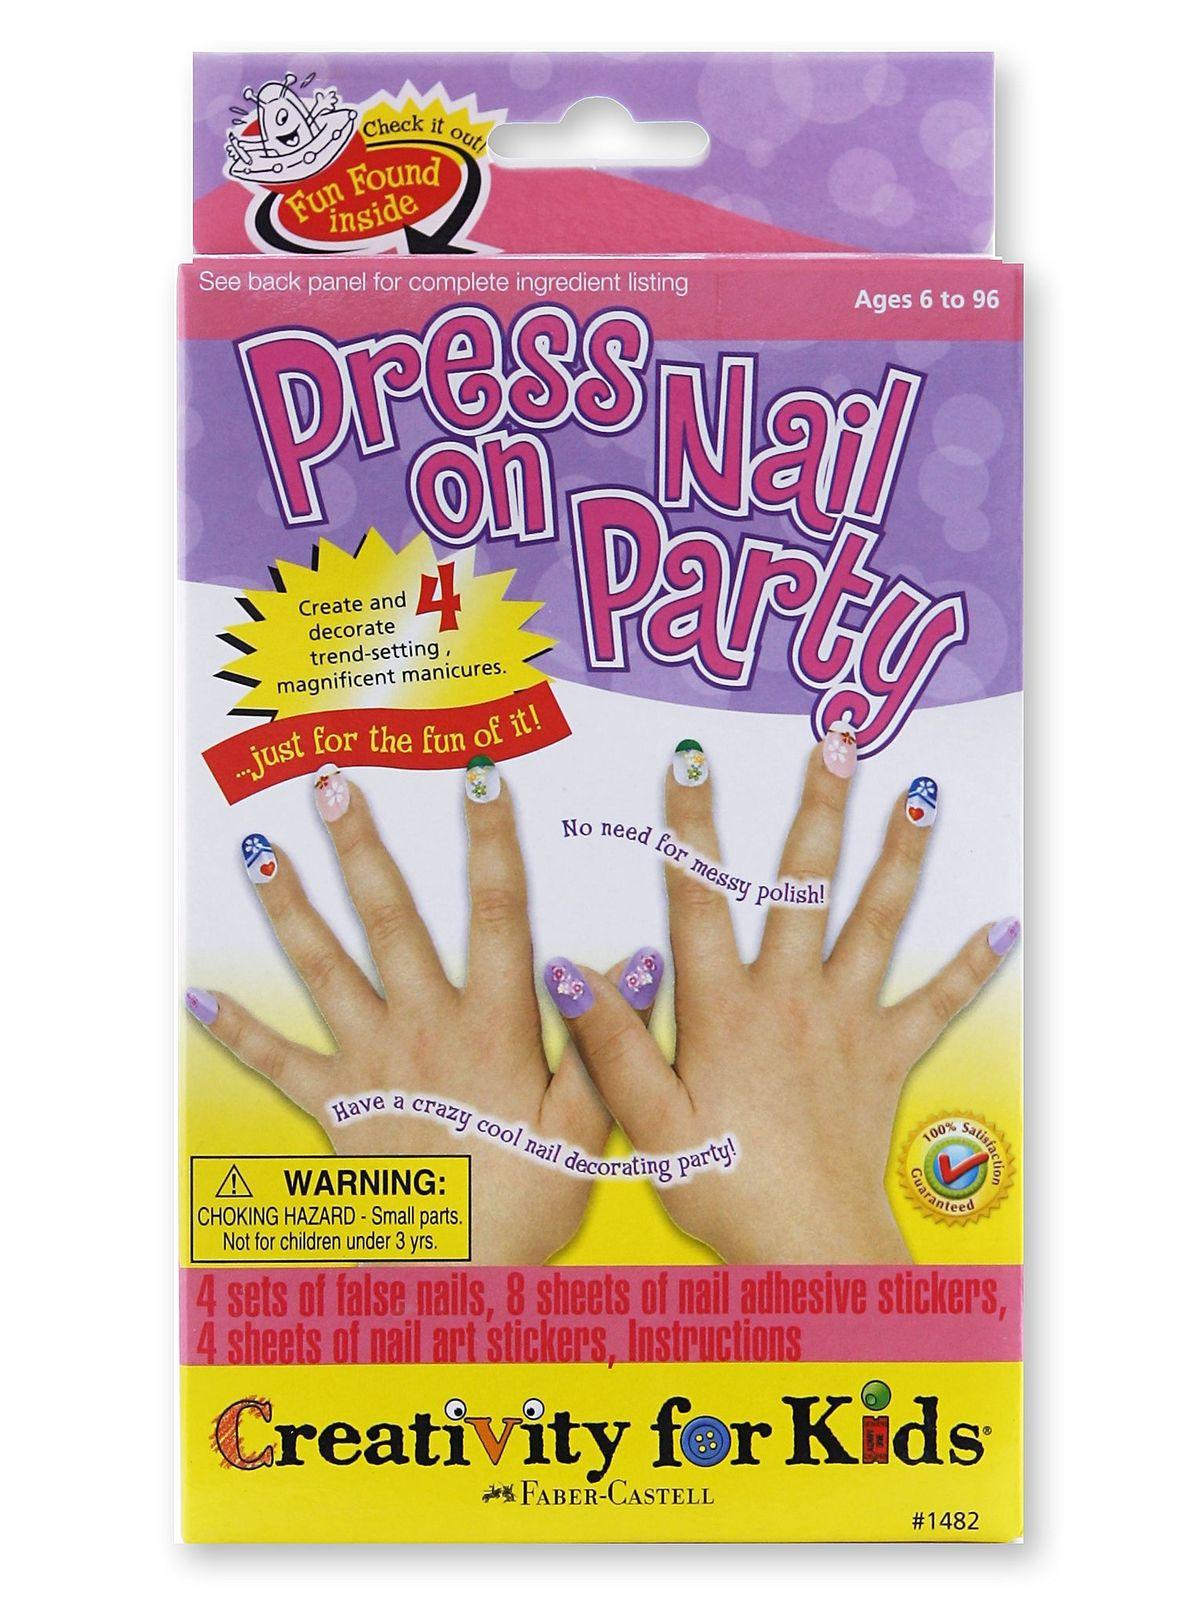 Press On Nail Party Mini Kit